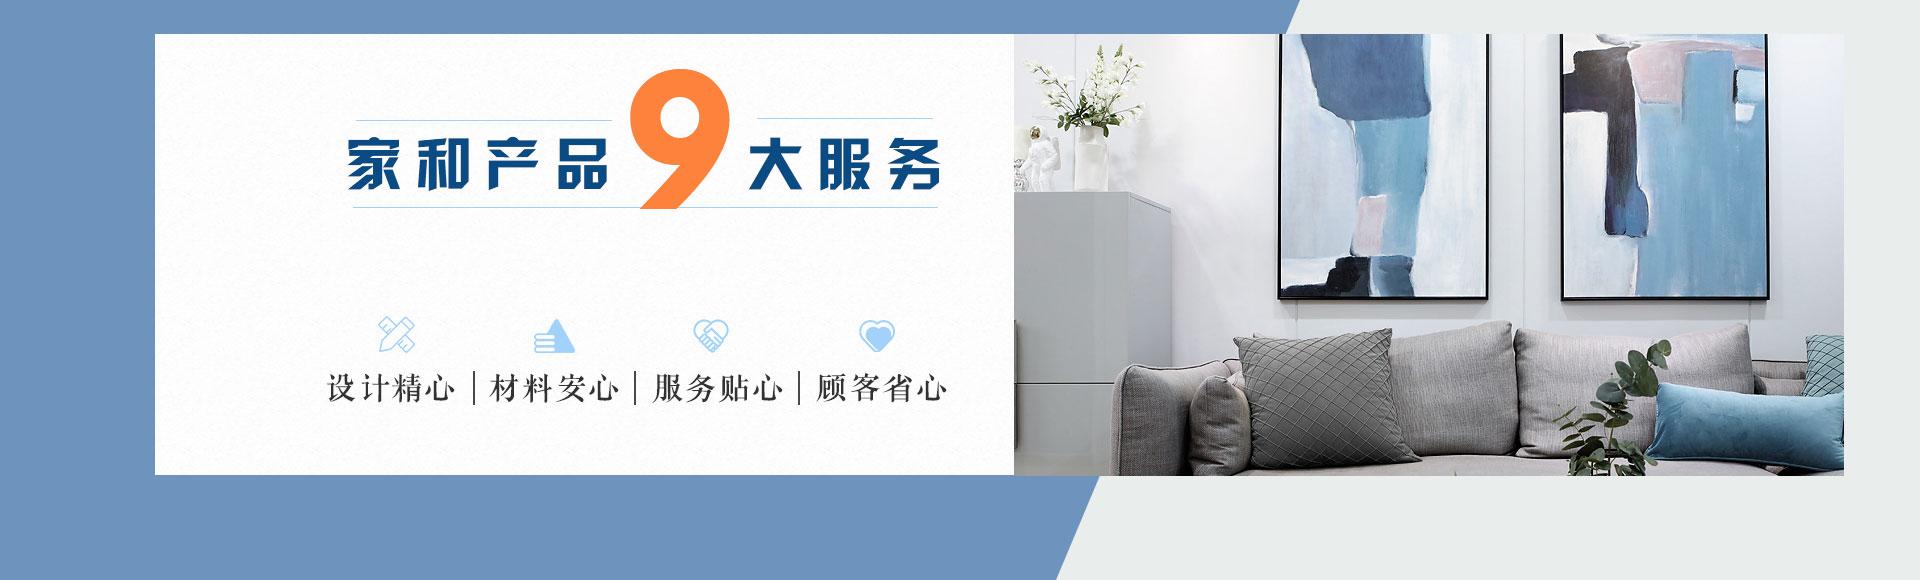 万博max登陆万博app官方下载ios公司